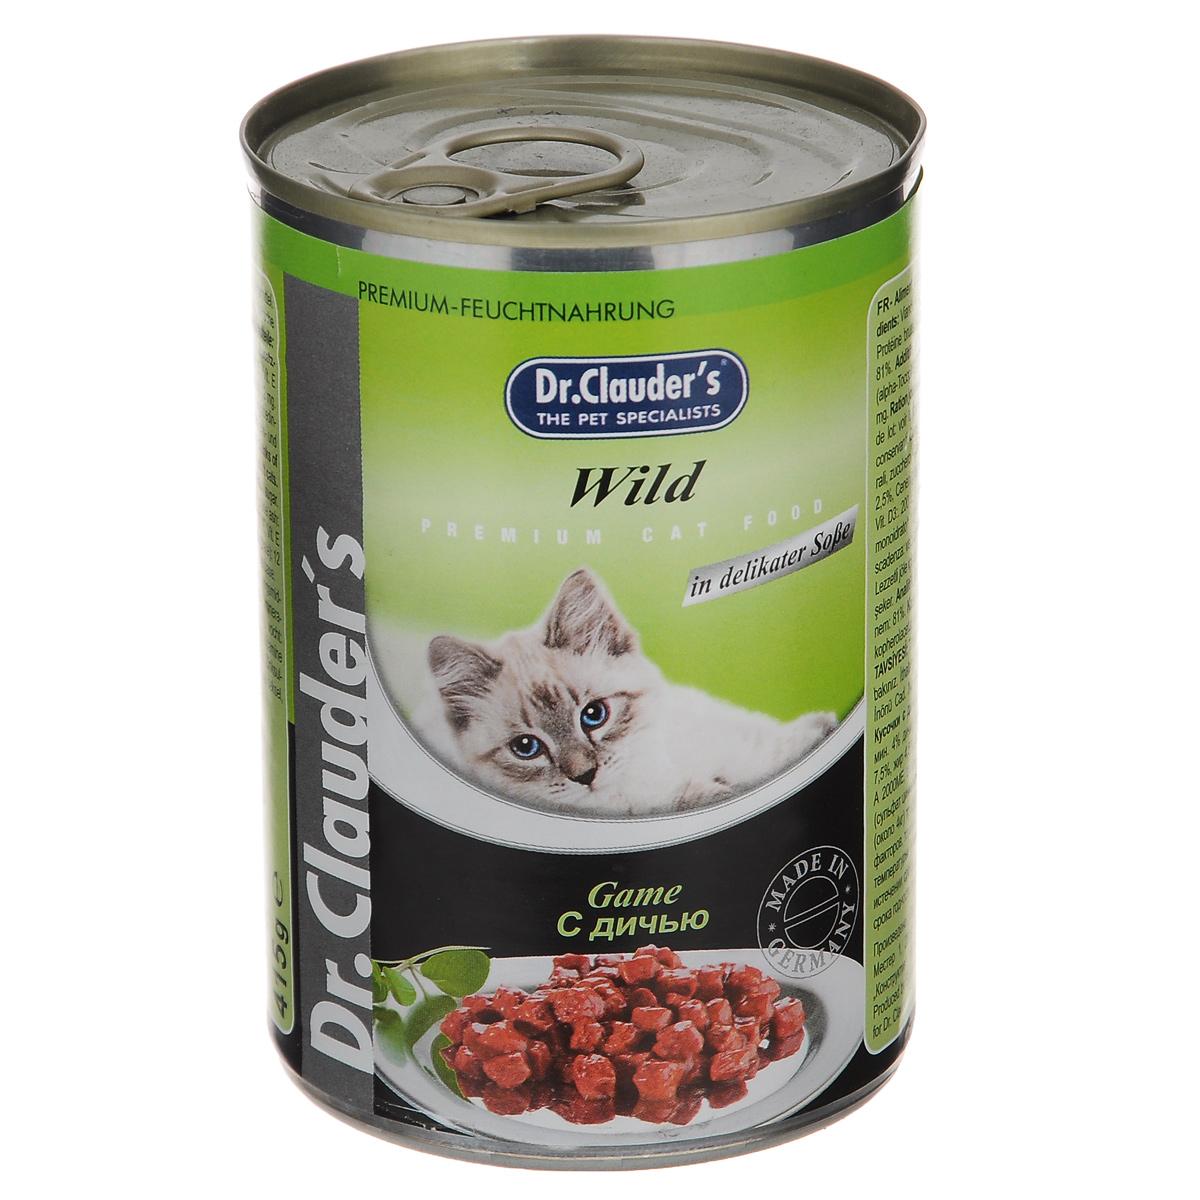 Консервы для кошек Dr. Clauders, с дичью, 415 г24Консервы для кошек Dr.Clauders - полнорационный корм для взрослых кошек. Кусочки с дичью. Без консервантов и красителей. Состав: мясо и мясные субпродукты (мин. 4% дичи), злаки, минералы, сахар. Содержание питательных веществ: протеин 7,5%, жир 4,5%, зола 2,5%, клетчатка 0,5%, влага 81%.Пищевые добавки (на 1 кг): витамин А 20000 МЕ, витамин D3 200 МЕ, витамин Е (альфа-токоферол) 20 мг, таурин 350 мг, цинк 12 мг. Товар сертифицирован.